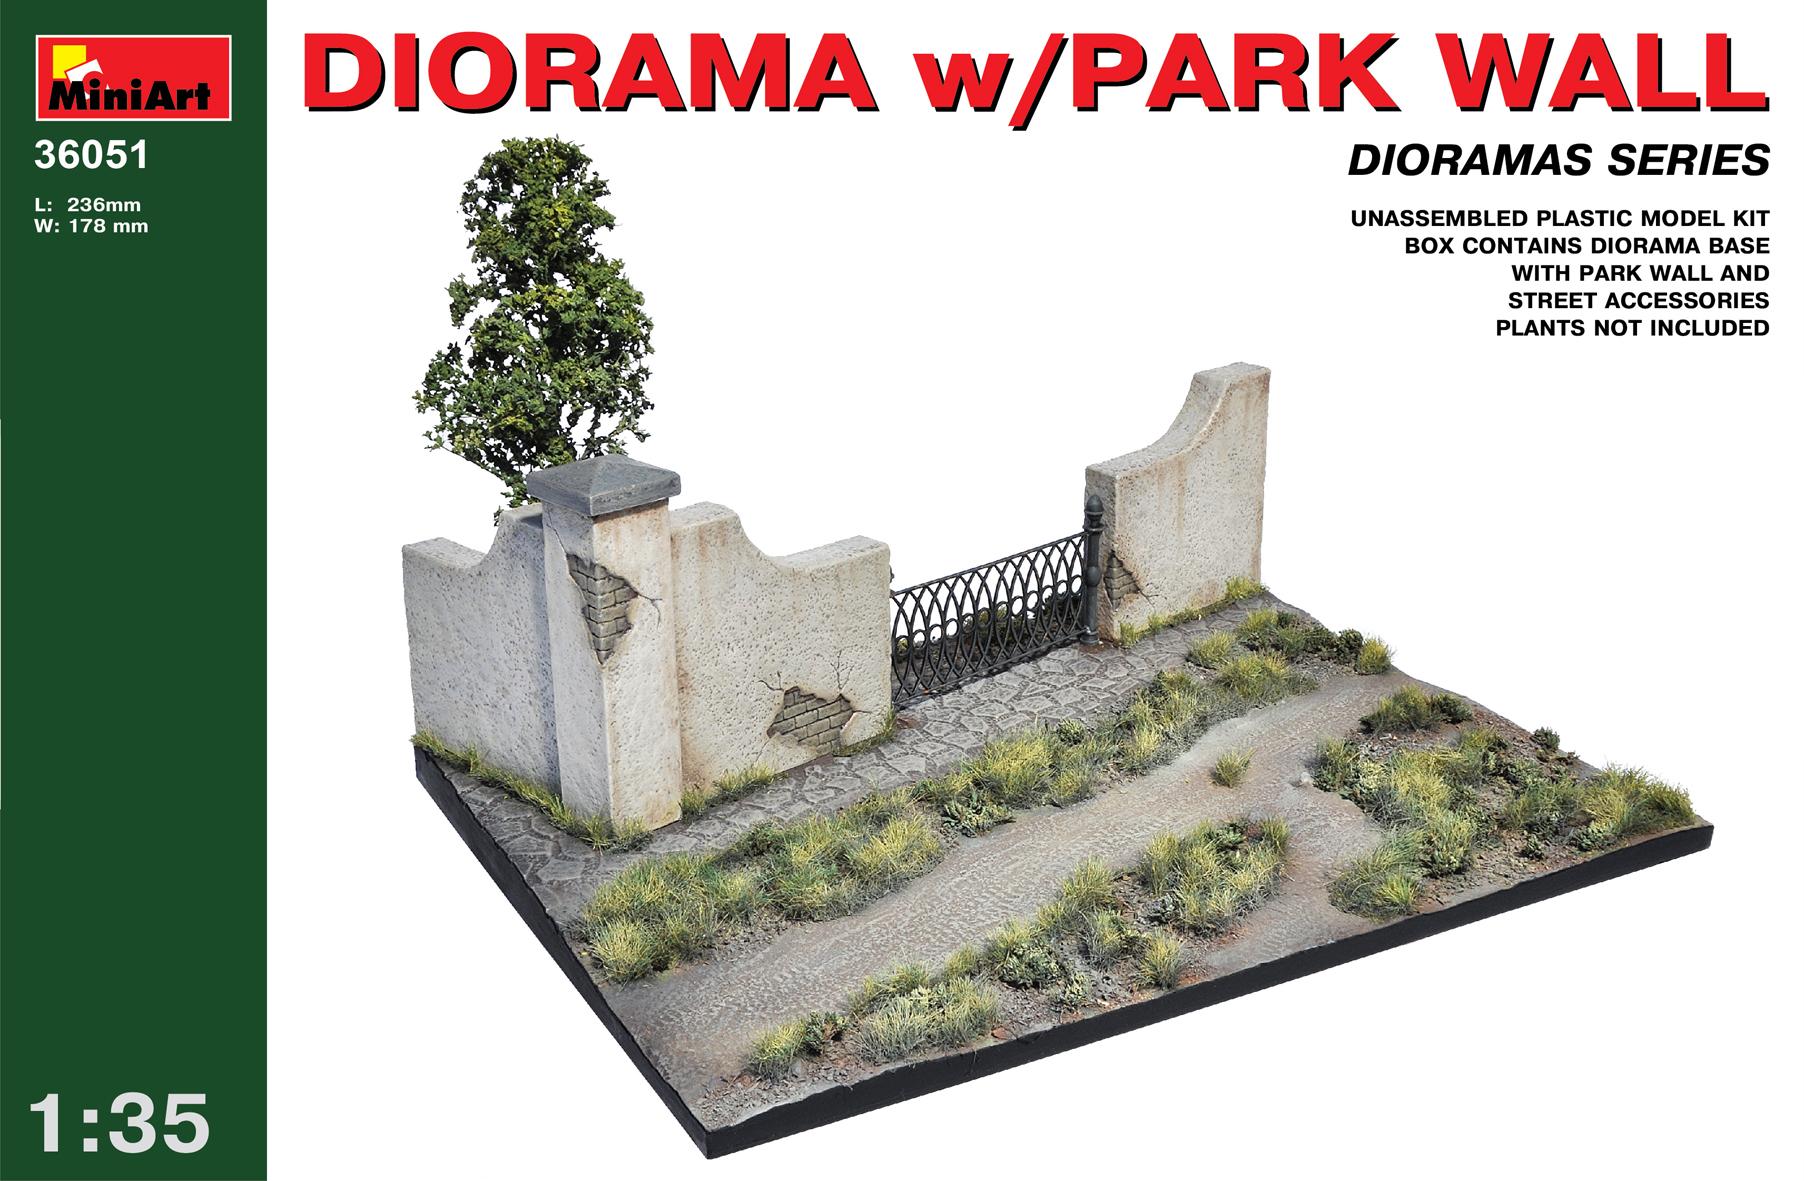 DIORAMA w/PARK WALL